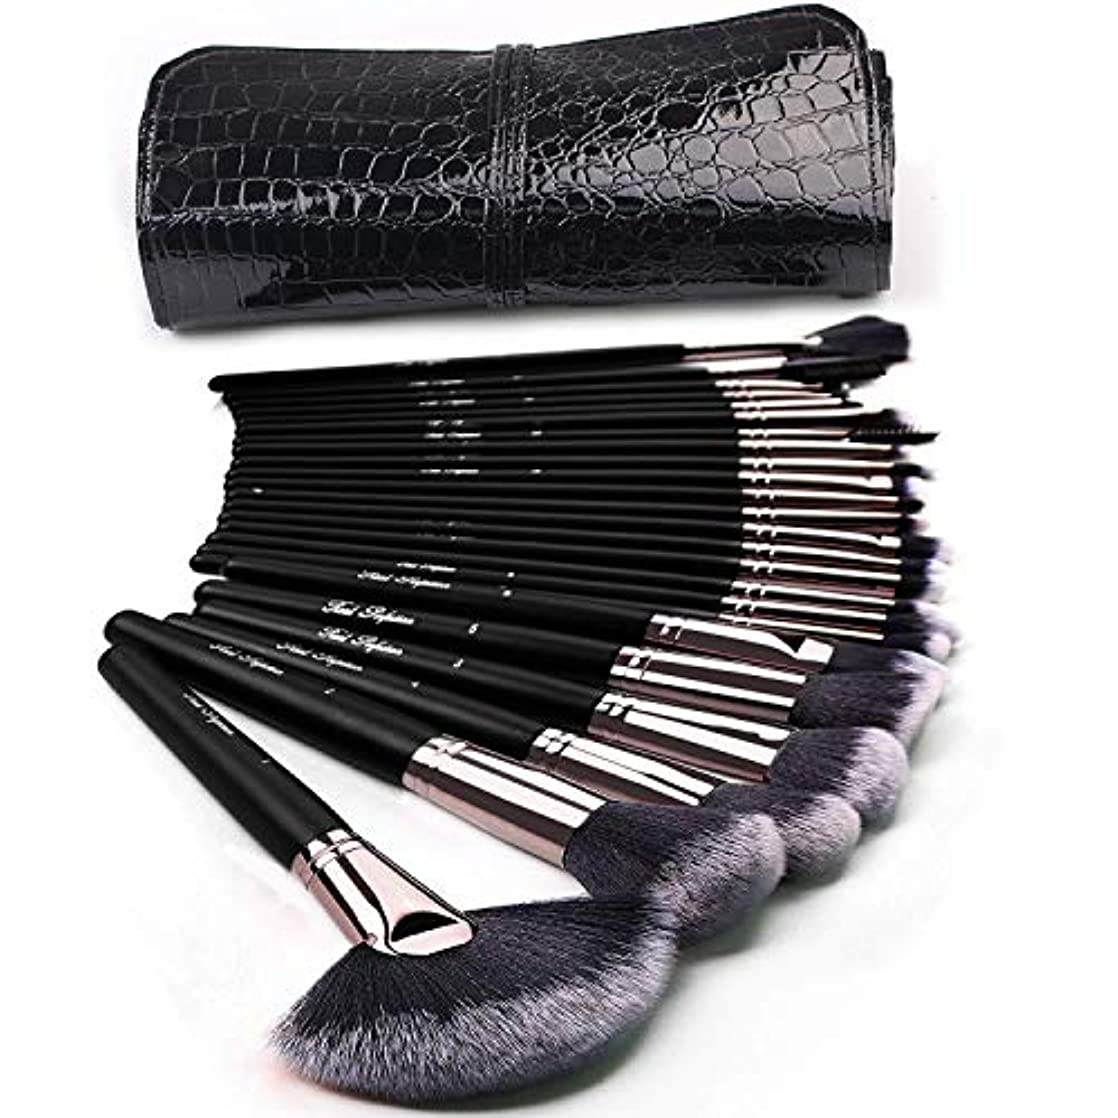 最適ジョグ行商メイクブラシセット コスメブラシ 化粧筆 基本メイクアップ道具 化粧ポーチ付け 24本セット